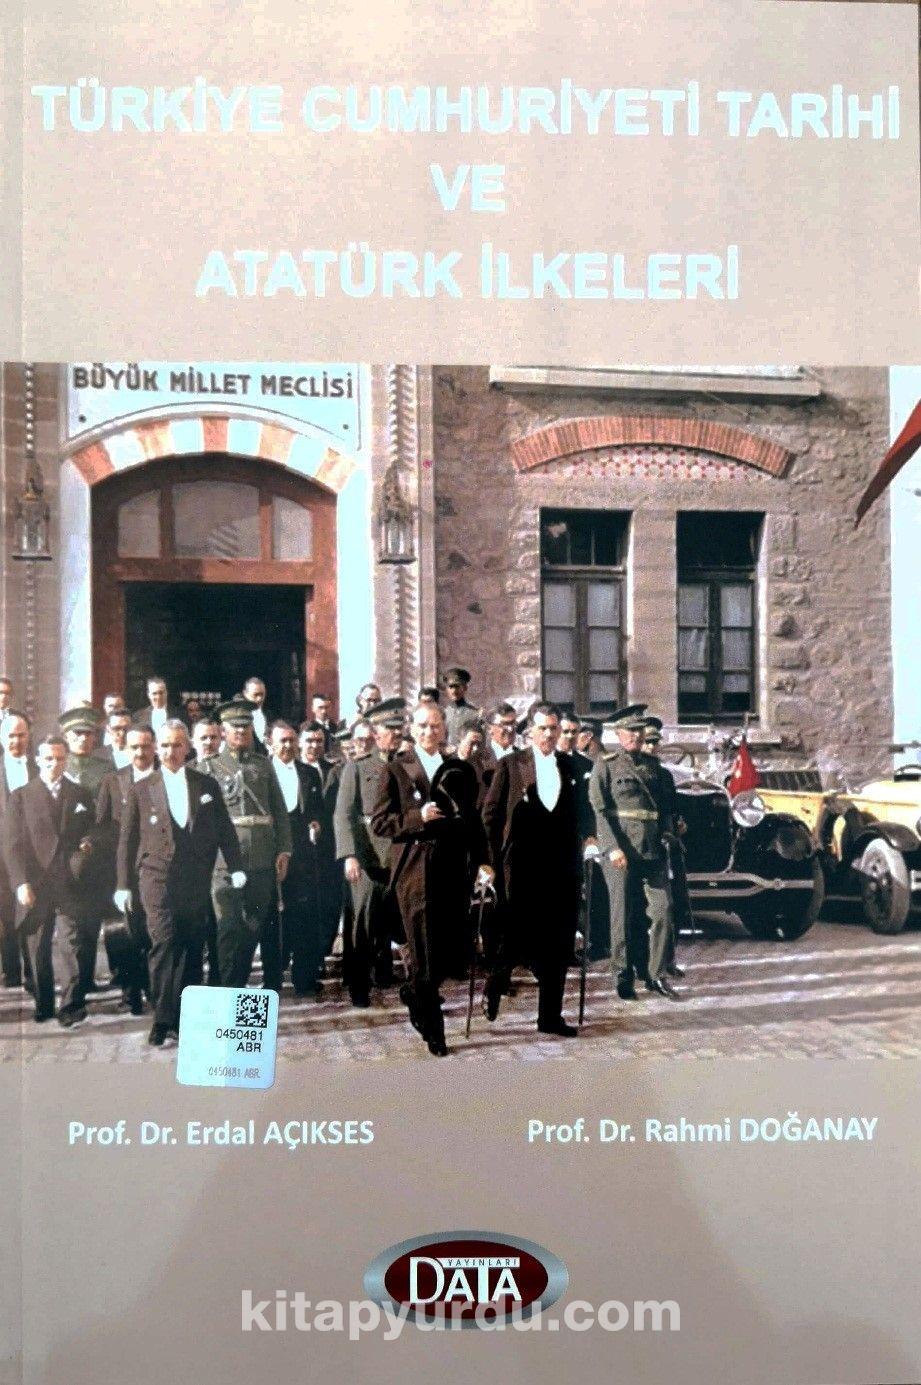 Türkiye Cumhuriyeti Tarihi ve Atatürk İlkeleri - Yrd. Doç. Dr. Rahmi Doğanay pdf epub